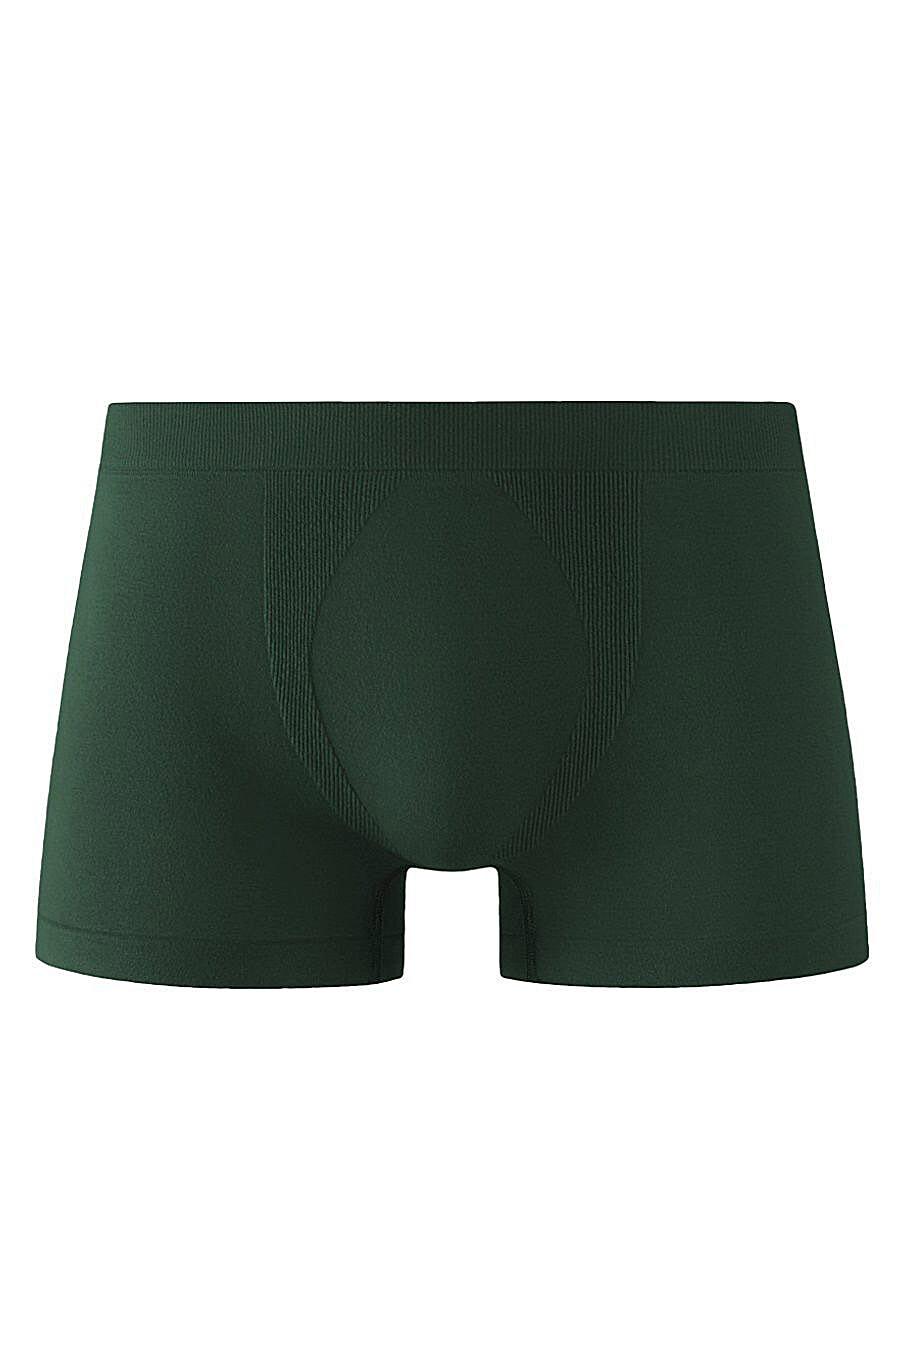 Трусы для мужчин TEKSA 218691 купить оптом от производителя. Совместная покупка мужской одежды в OptMoyo